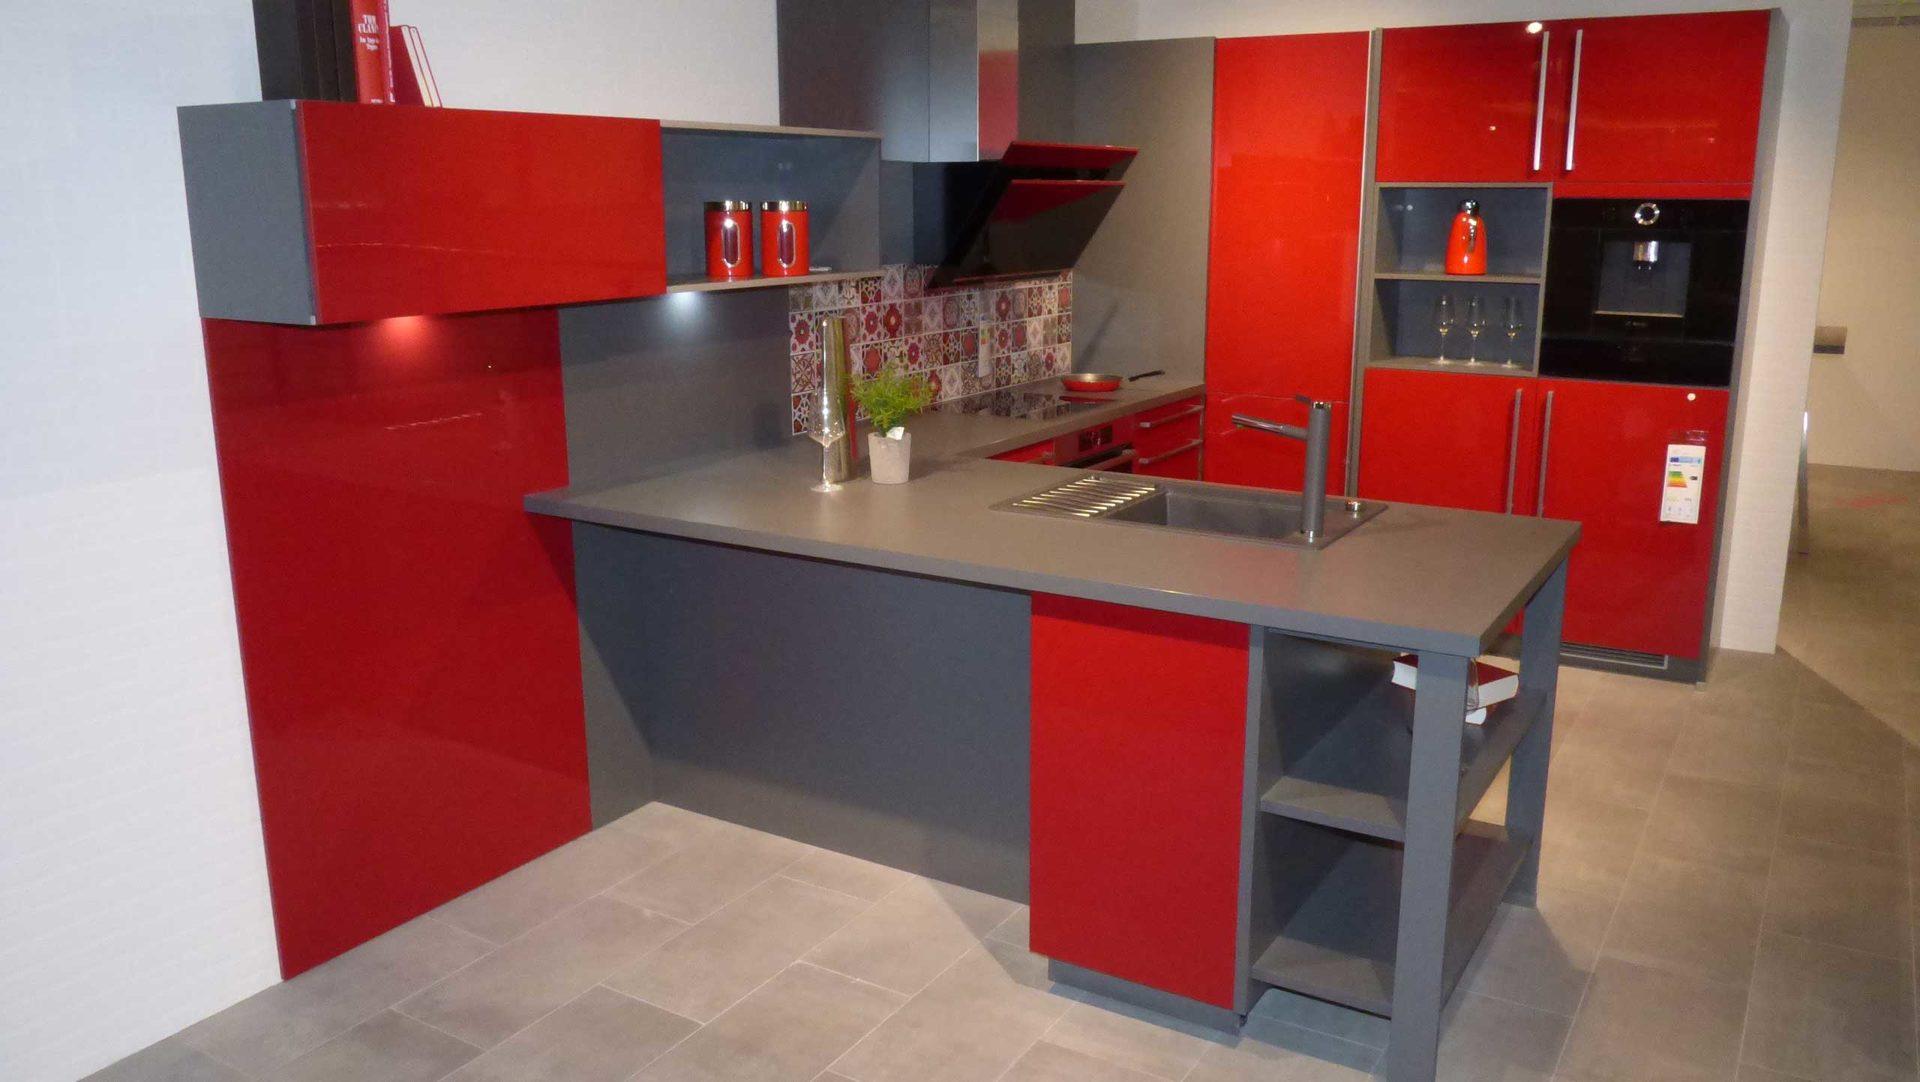 Ziemlich Farbe Ideen Für Küchenschrank Lack Zeitgenössisch - Ideen ...